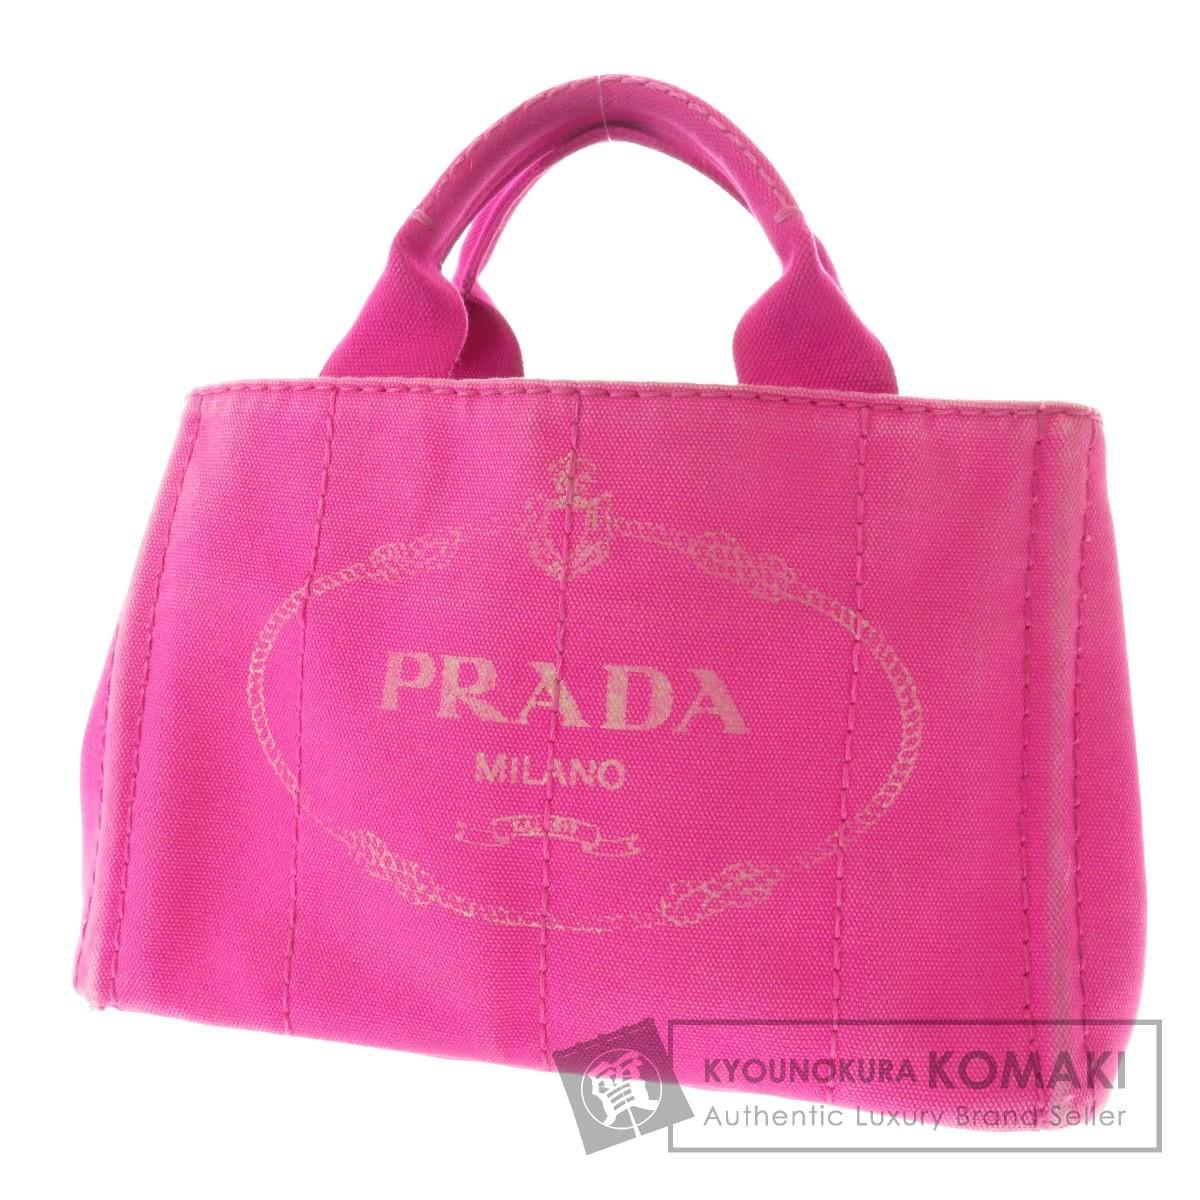 PRADA カナパ ミニ 2WAY/ショルダーバッグ トートバッグ キャンバス レディース 【中古】【プラダ】